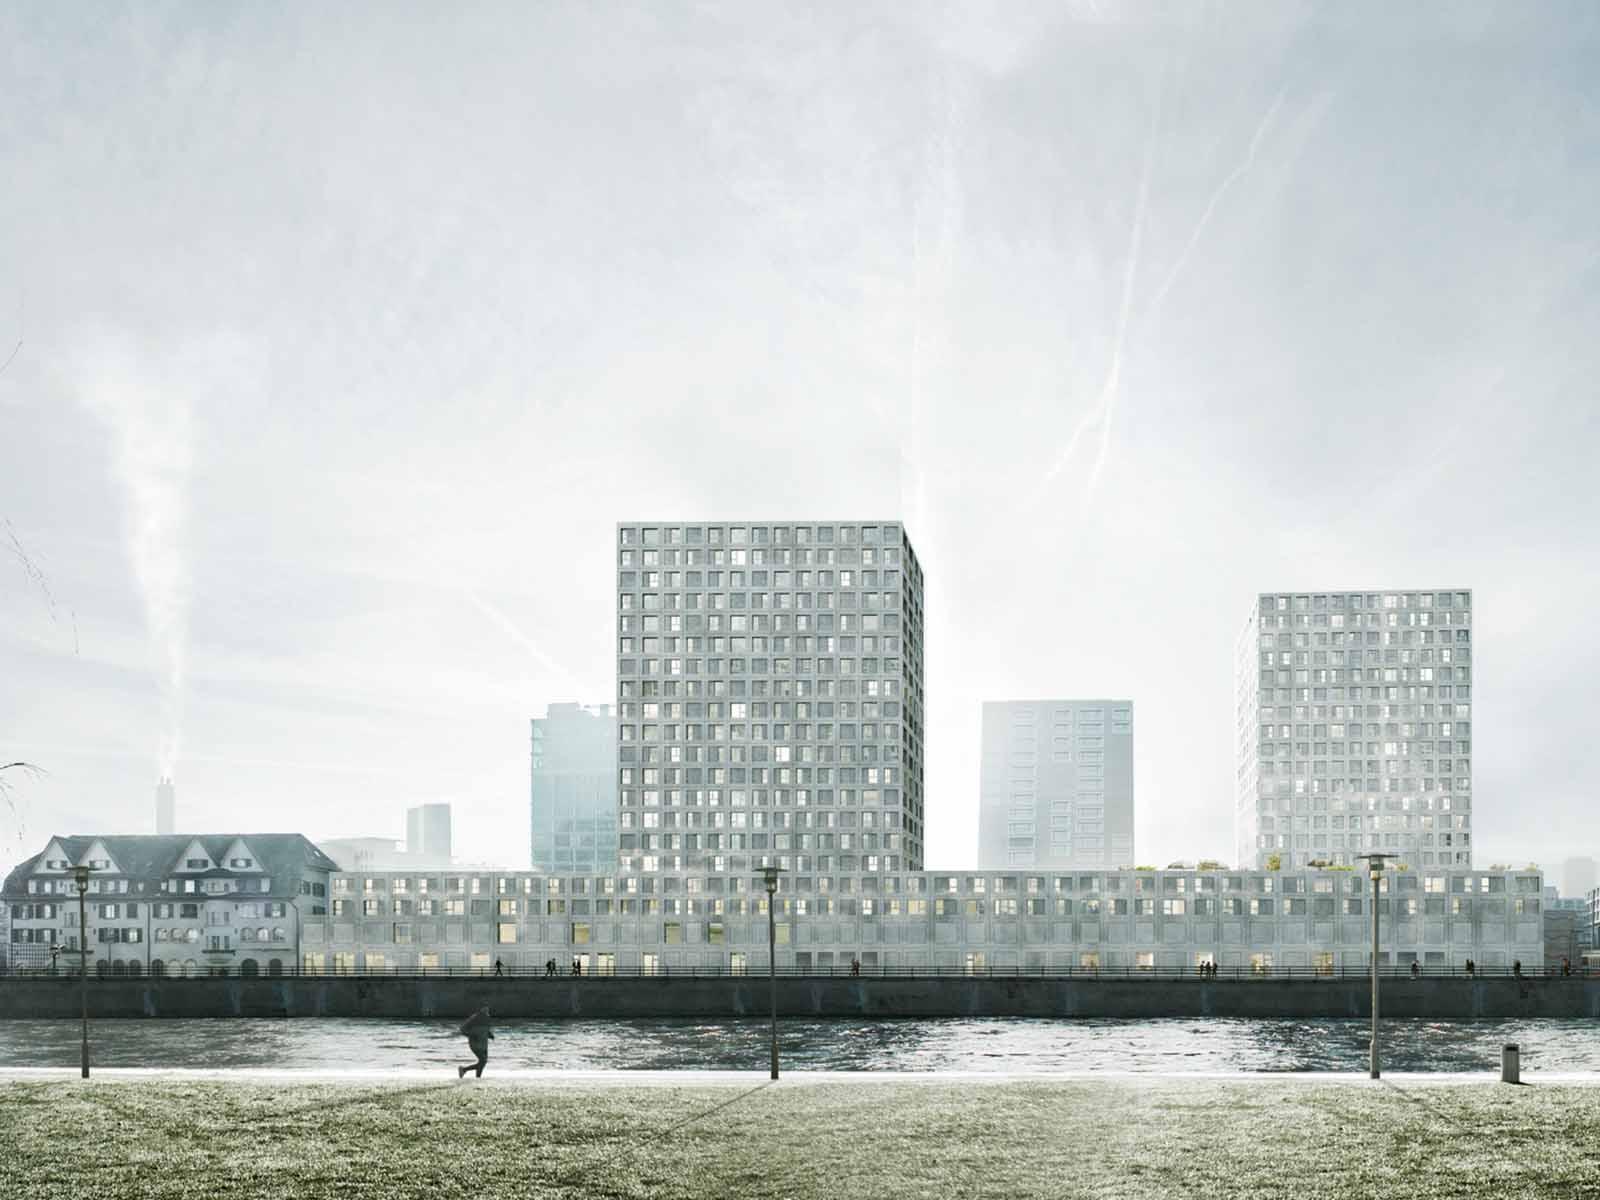 Vorgesehen ist ein Gebäudekomplex mit zwei Hochhäusern entlang der Limmat.